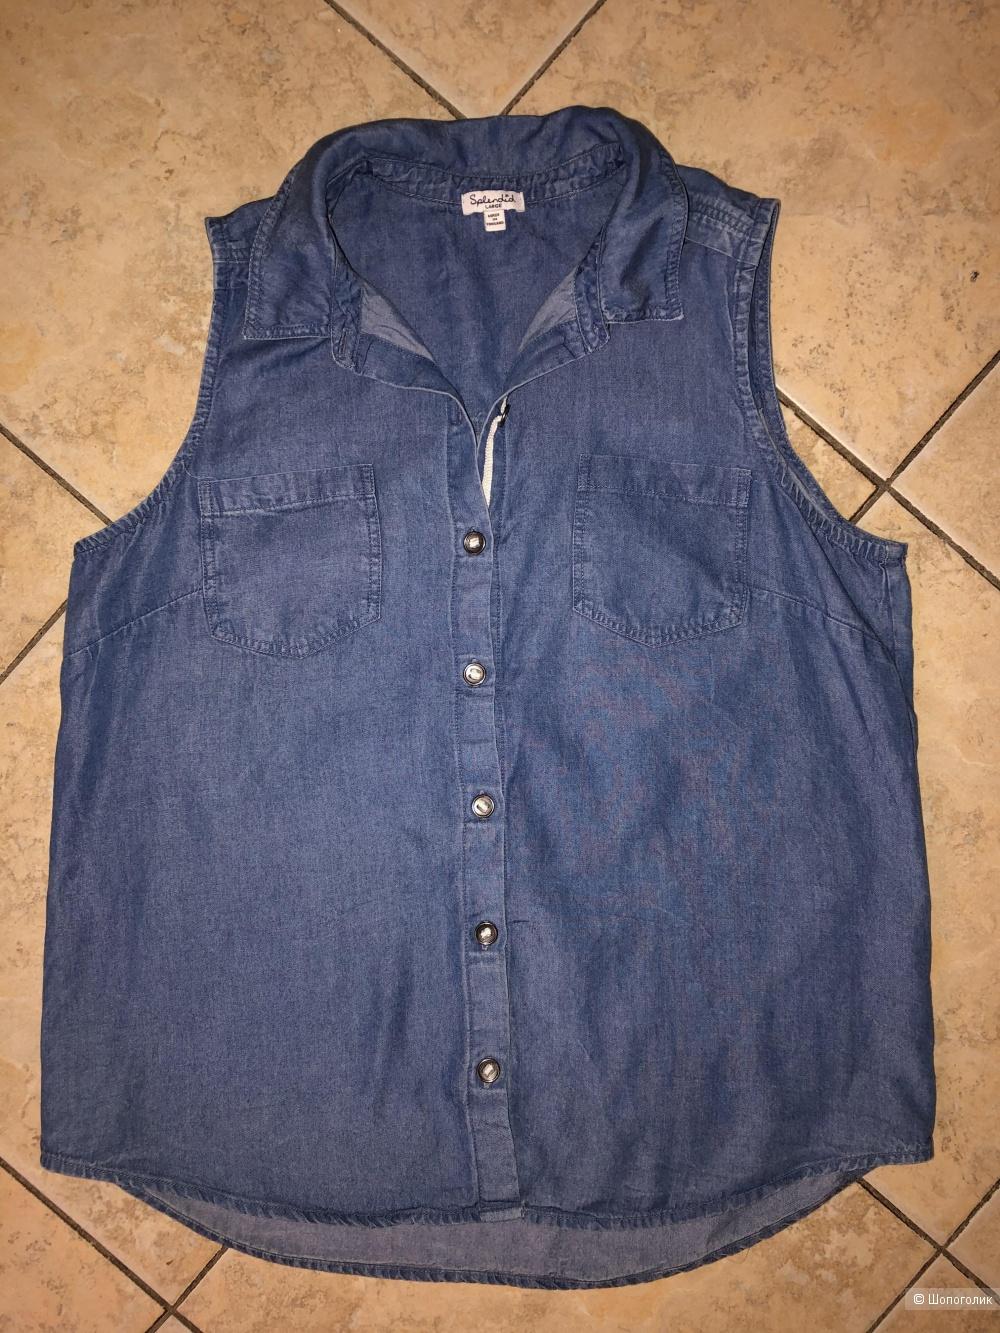 Джинсовая рубашка Splendid, размер L (на российский 46-48-50).